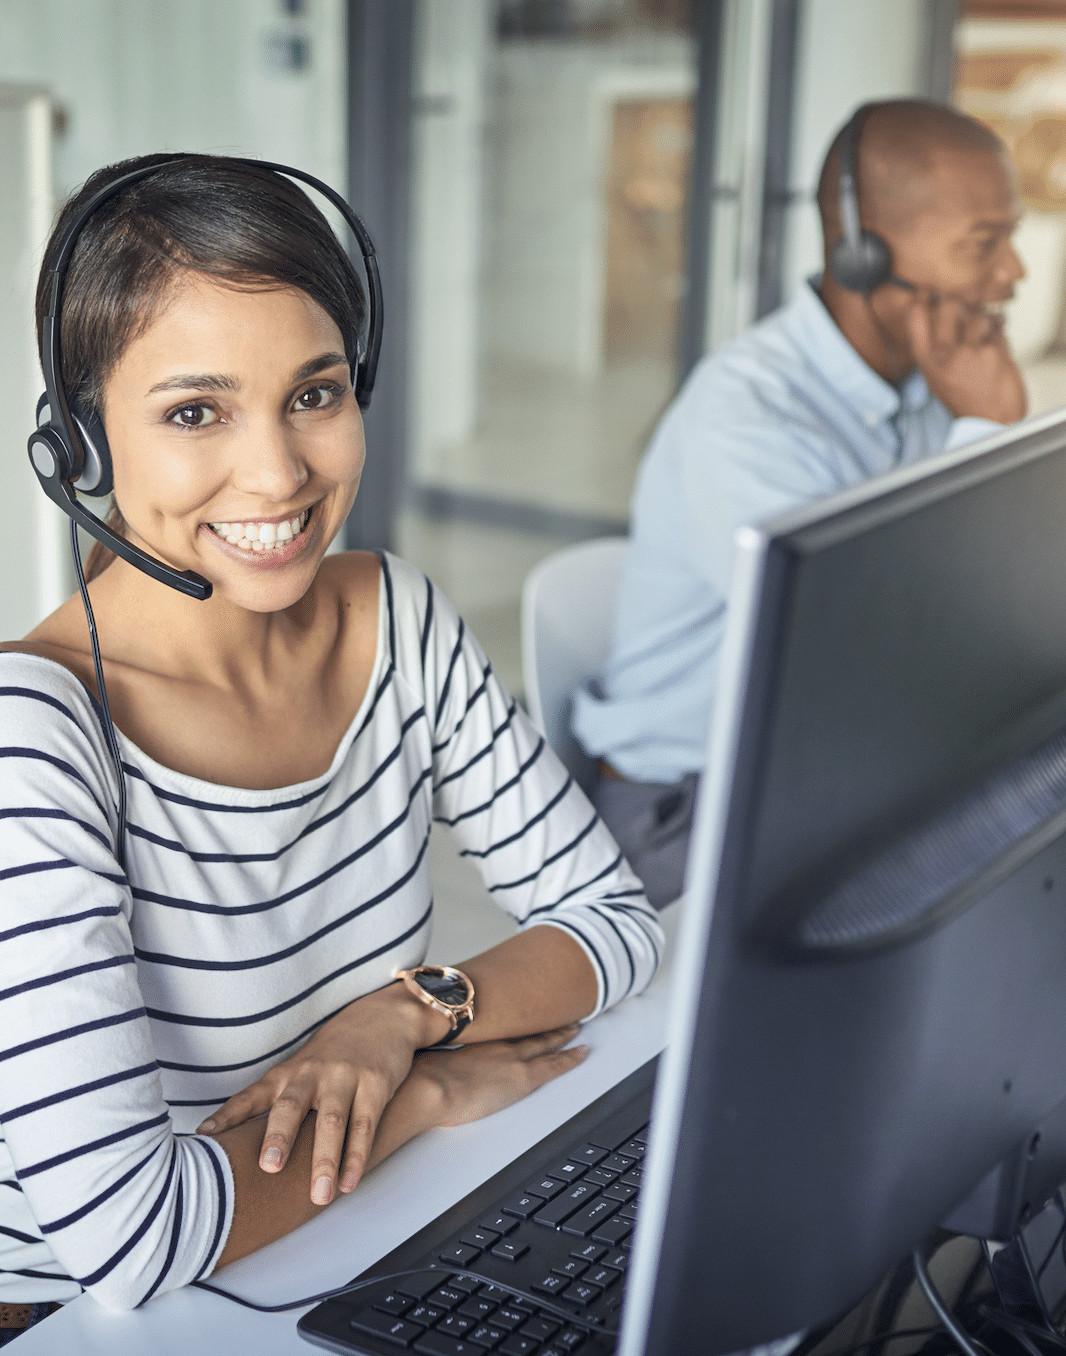 Columbus Help Desk Services